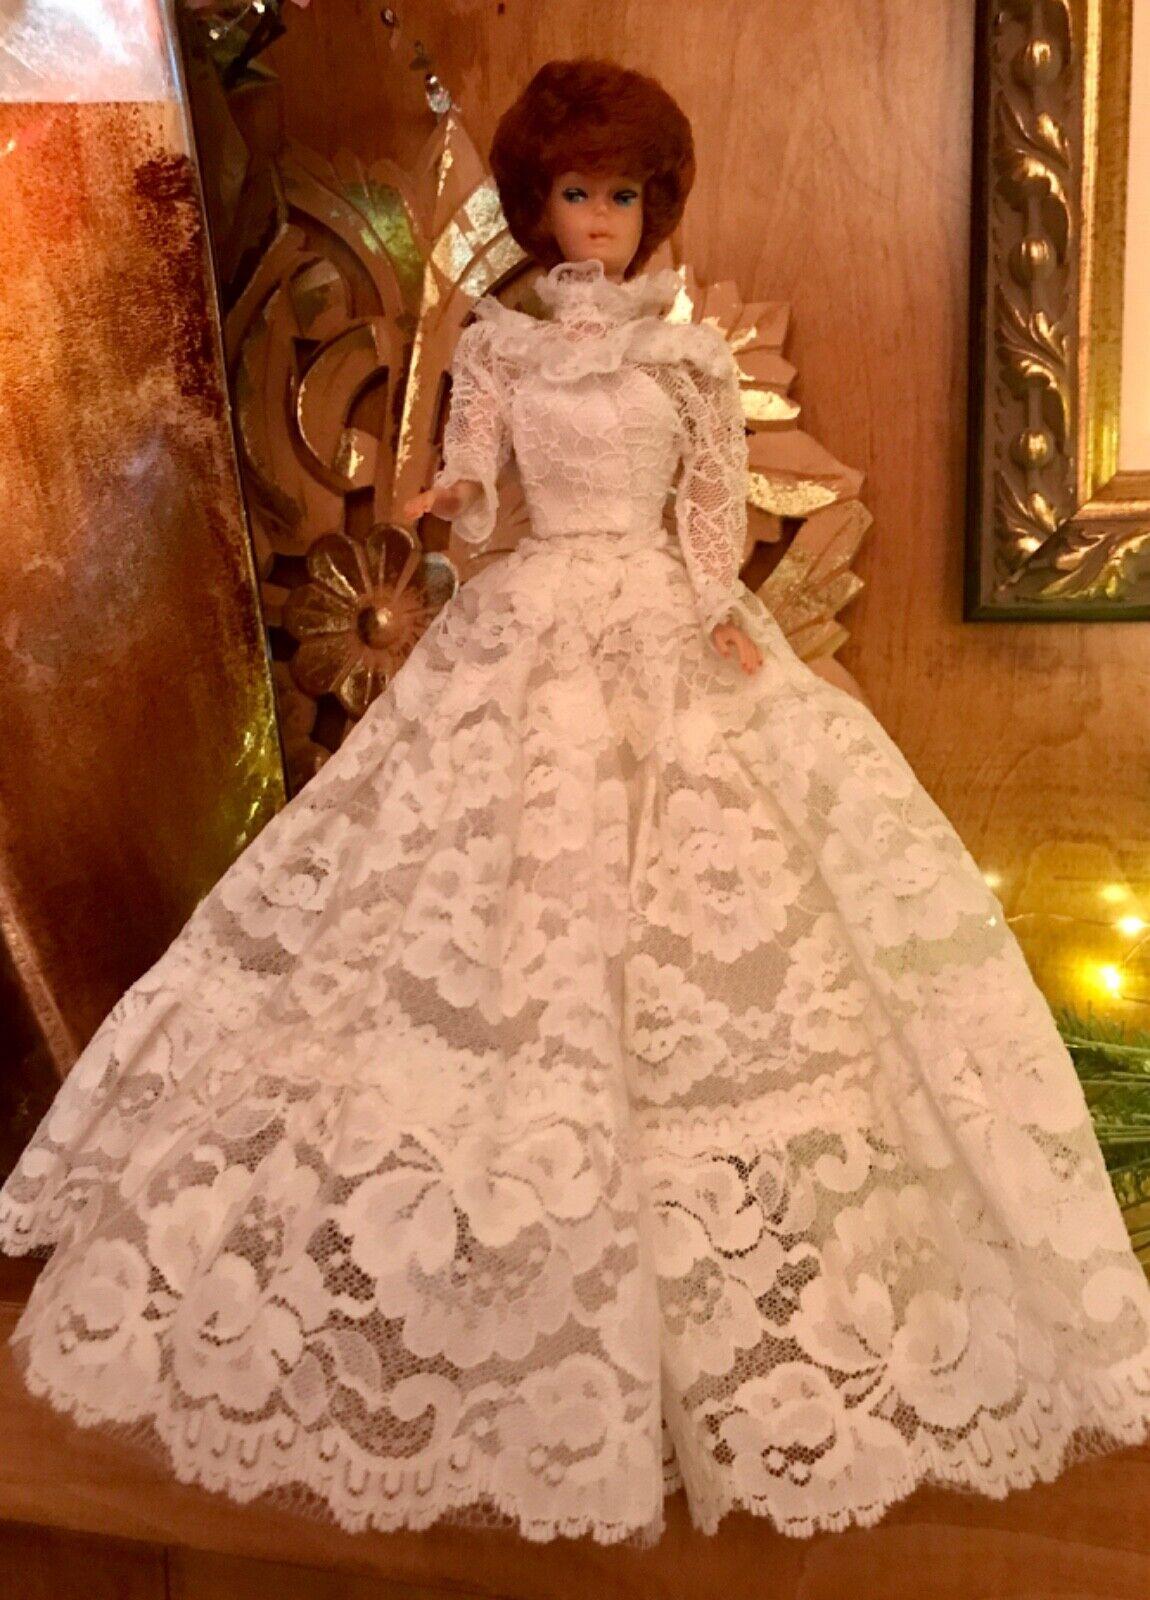 Jahr  10 Barbie  Tracy Bride Weiß wedding dress 1982  4103 + Lace Overskirt